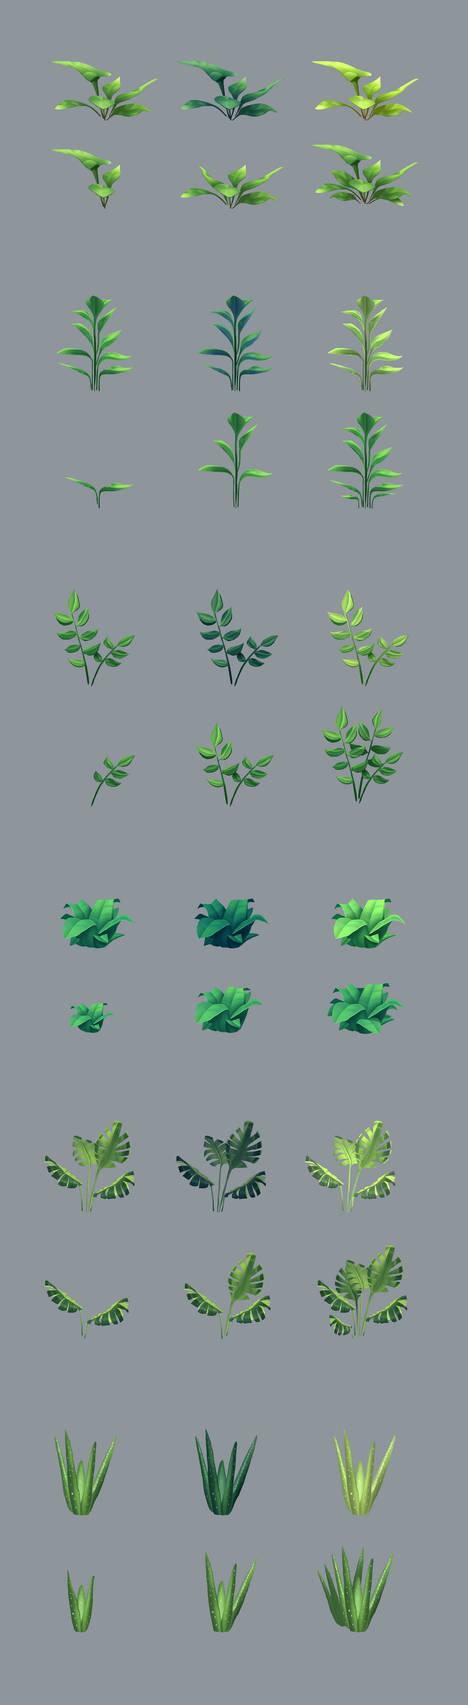 Plants design by remplica